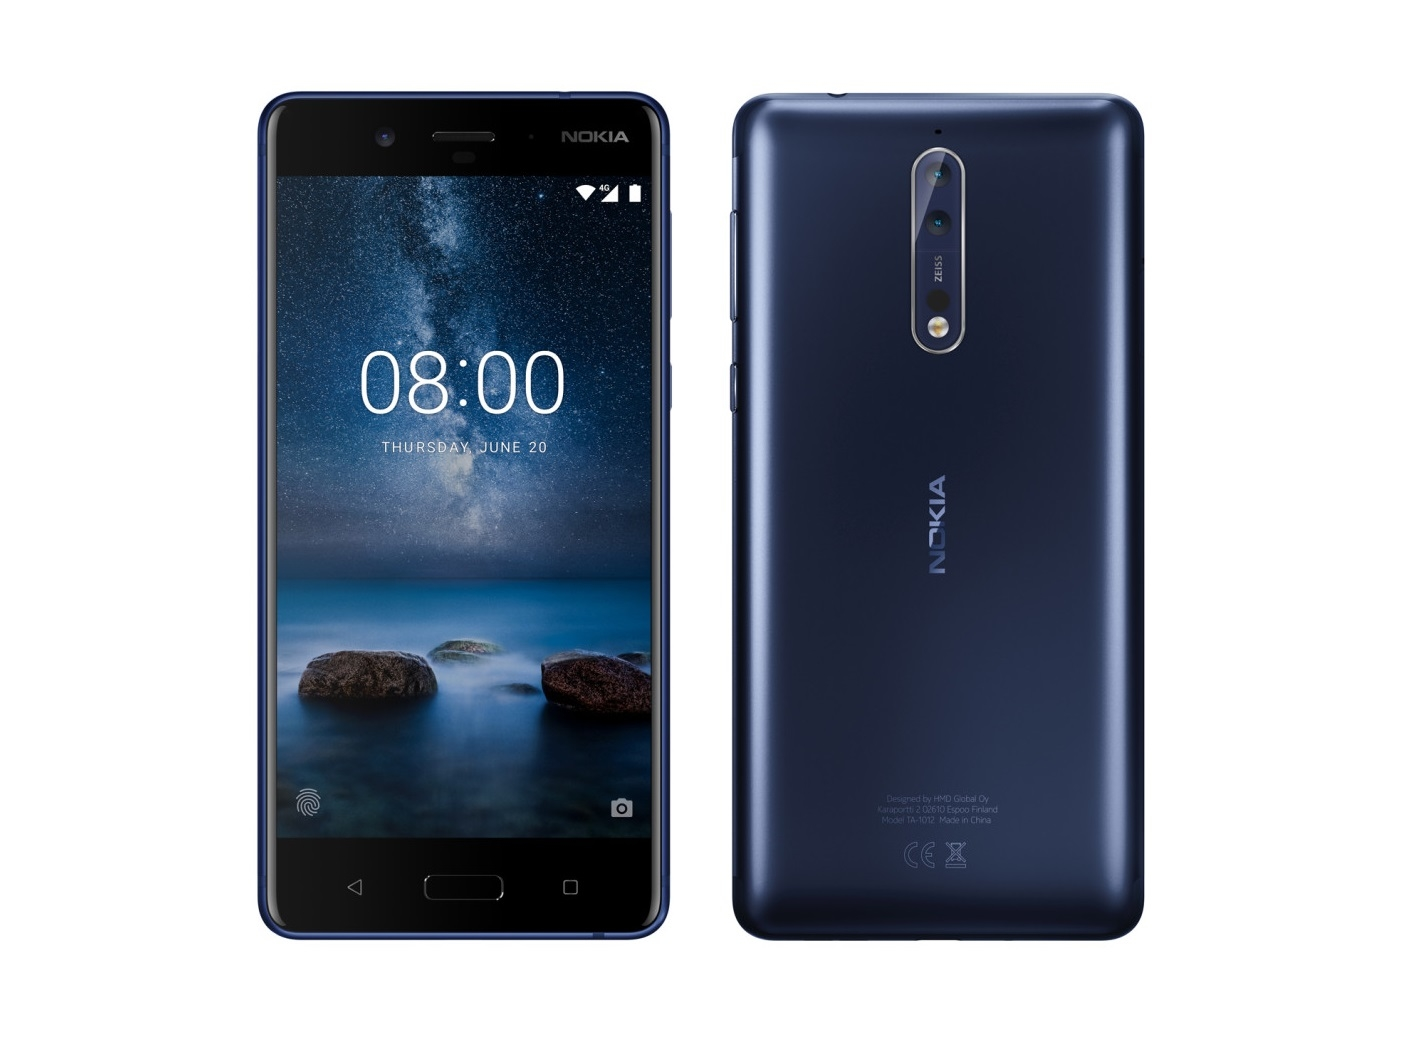 El Nokia 8 se deja ver con sus dos cámaras Zeiss